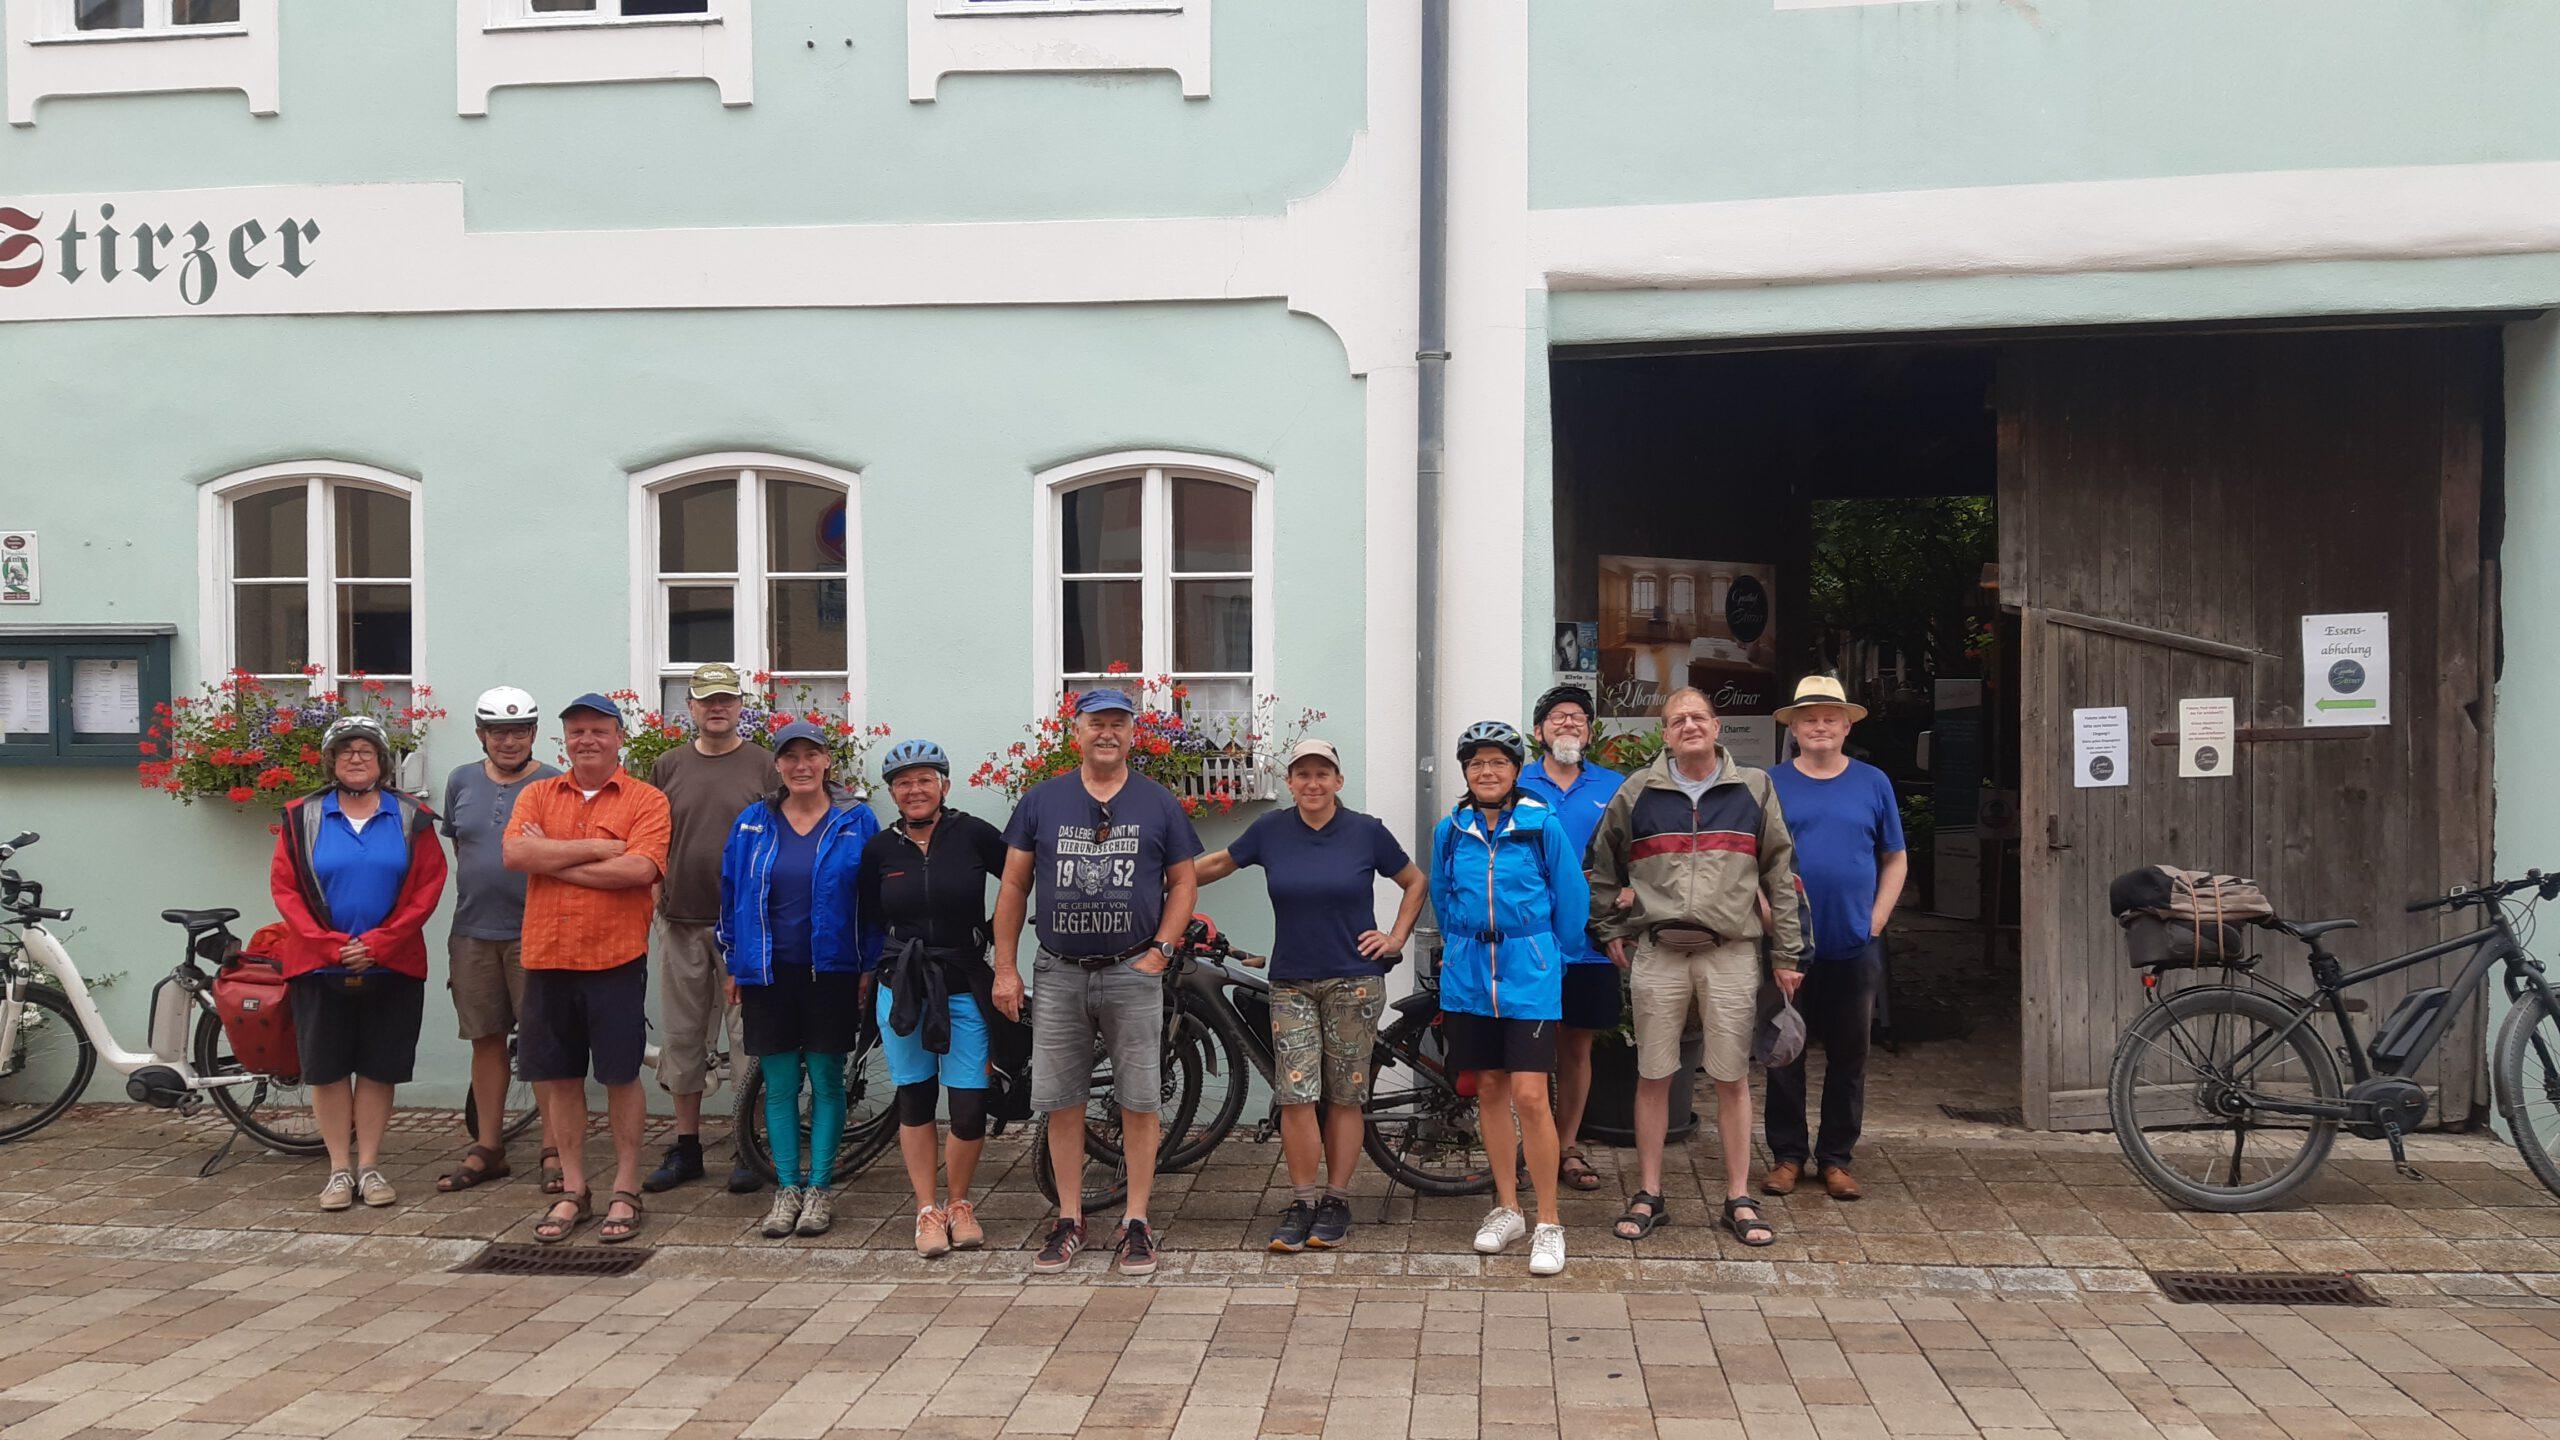 Gruppenbild am Gasthof Stirzer in Dietfurt